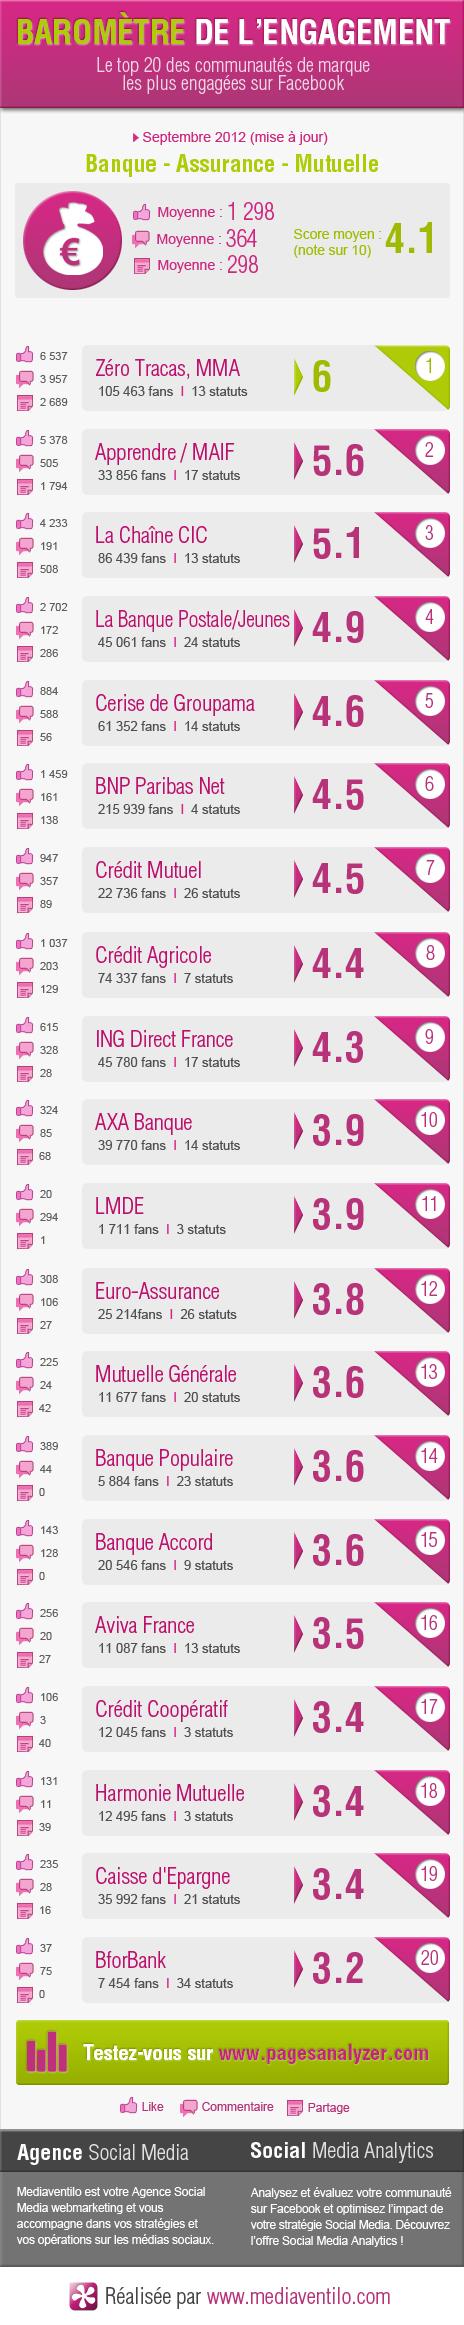 barometre engagement banque assurance 3 Baromètre de lengagement de la banque assurance mutuelle (mise à jour)